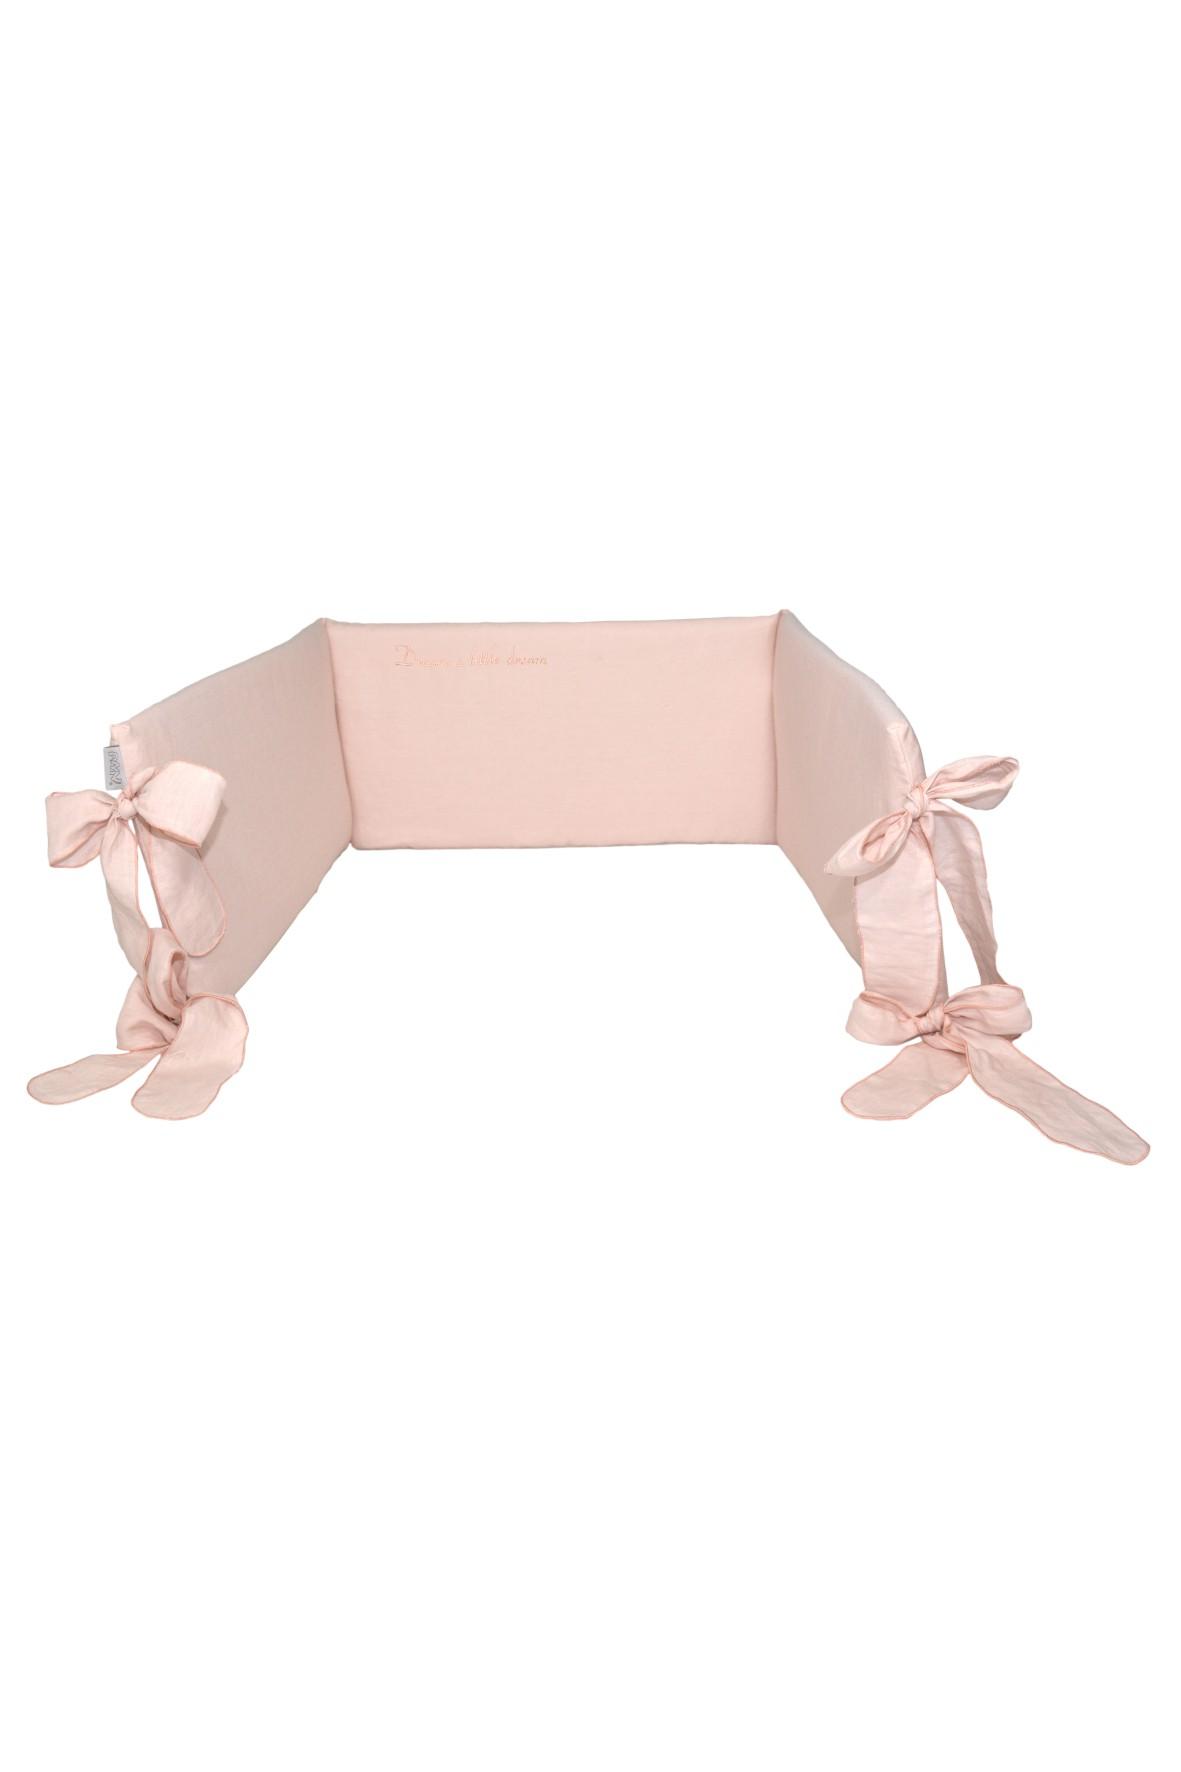 Ochraniacz do łóżeczka 180x32cm - różowy